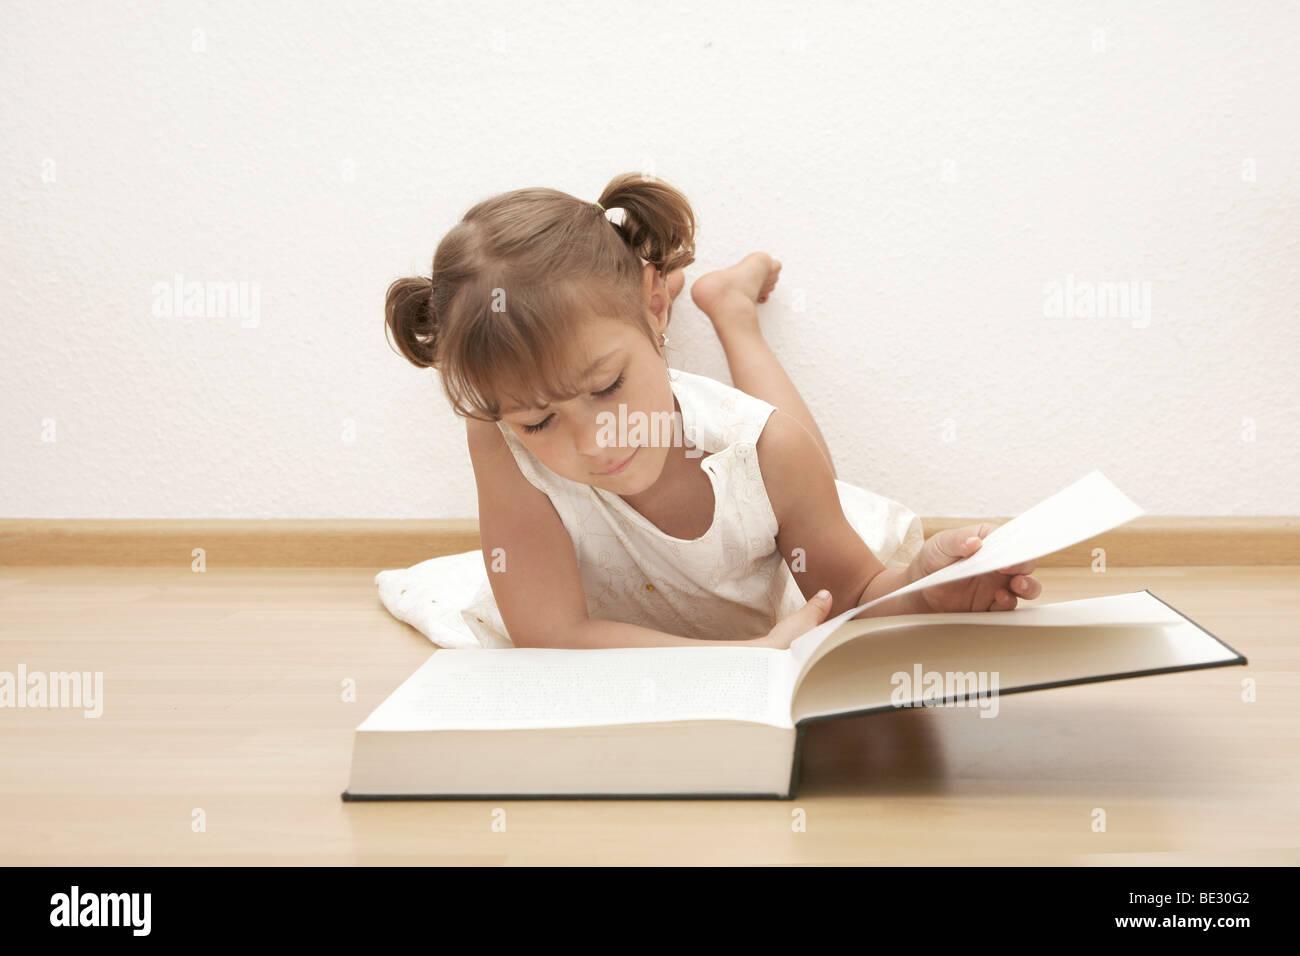 Sechs-jährigen Mädchen ein Buch zu lesen Stockbild